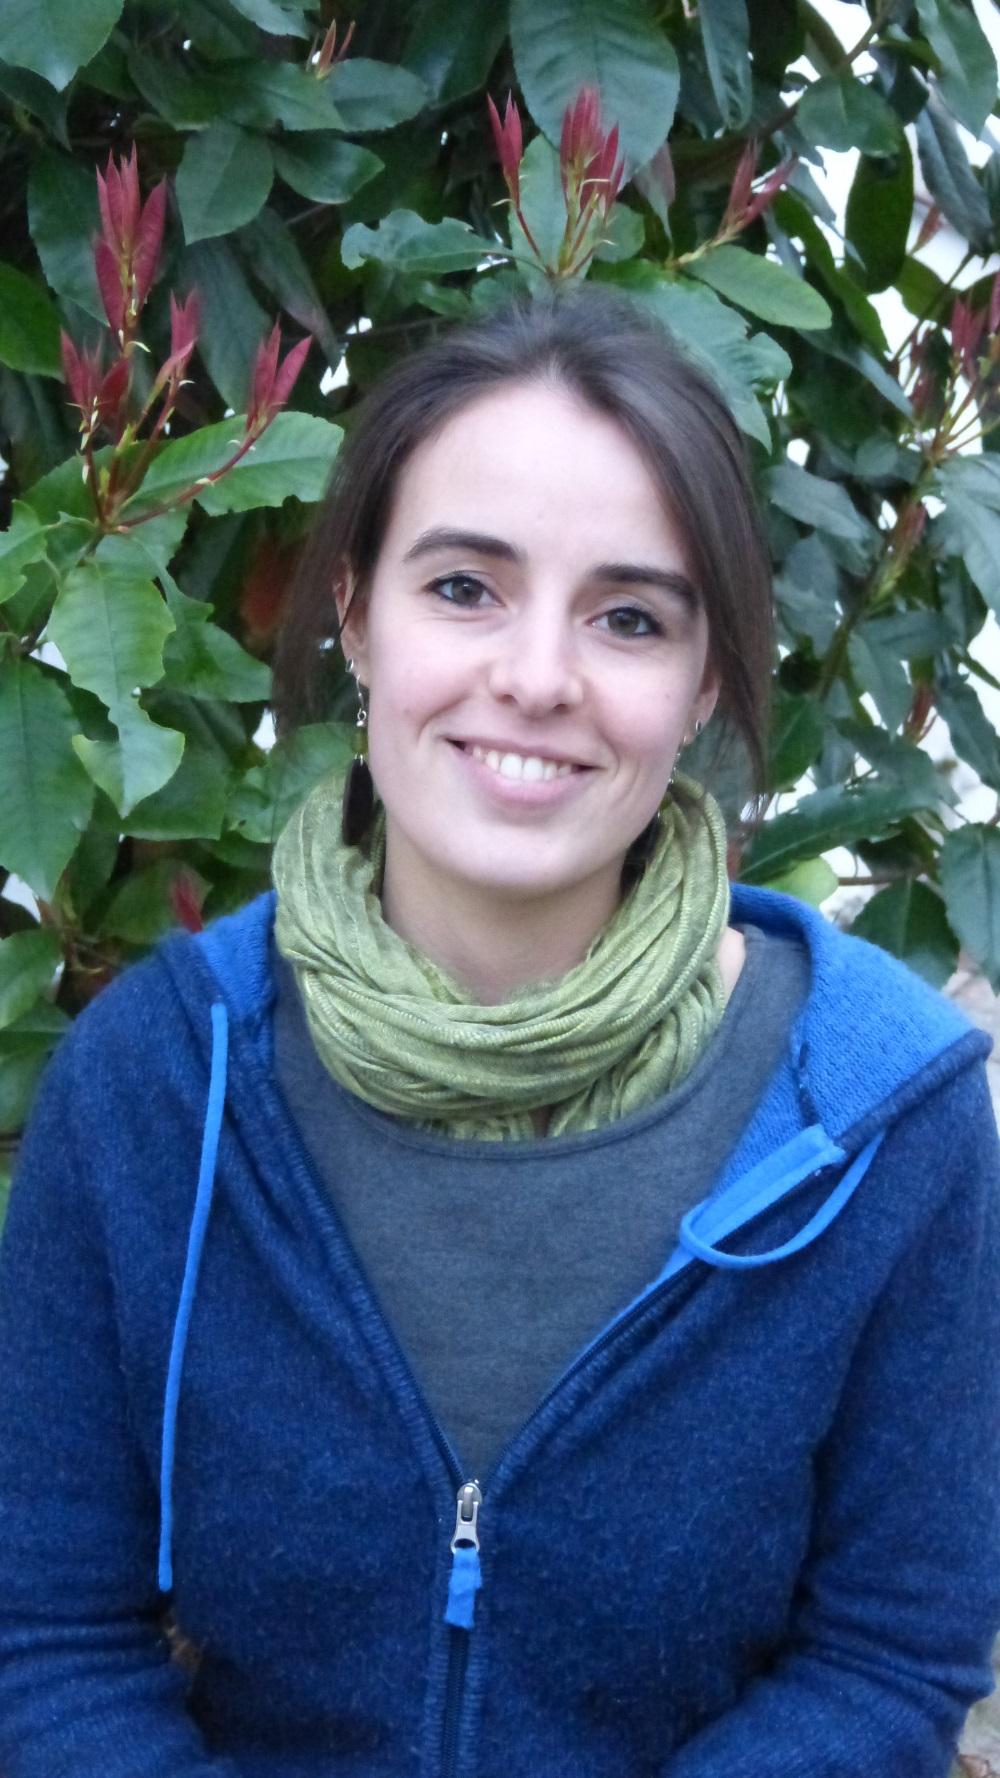 Josefine Kümpers : stellvertretende Fraktionsvorsitzende | Mitglied im Ausschuss für Familie, Soziales und Gleichstellung | Stellvertretendes Mitglied im Hauptausschuss